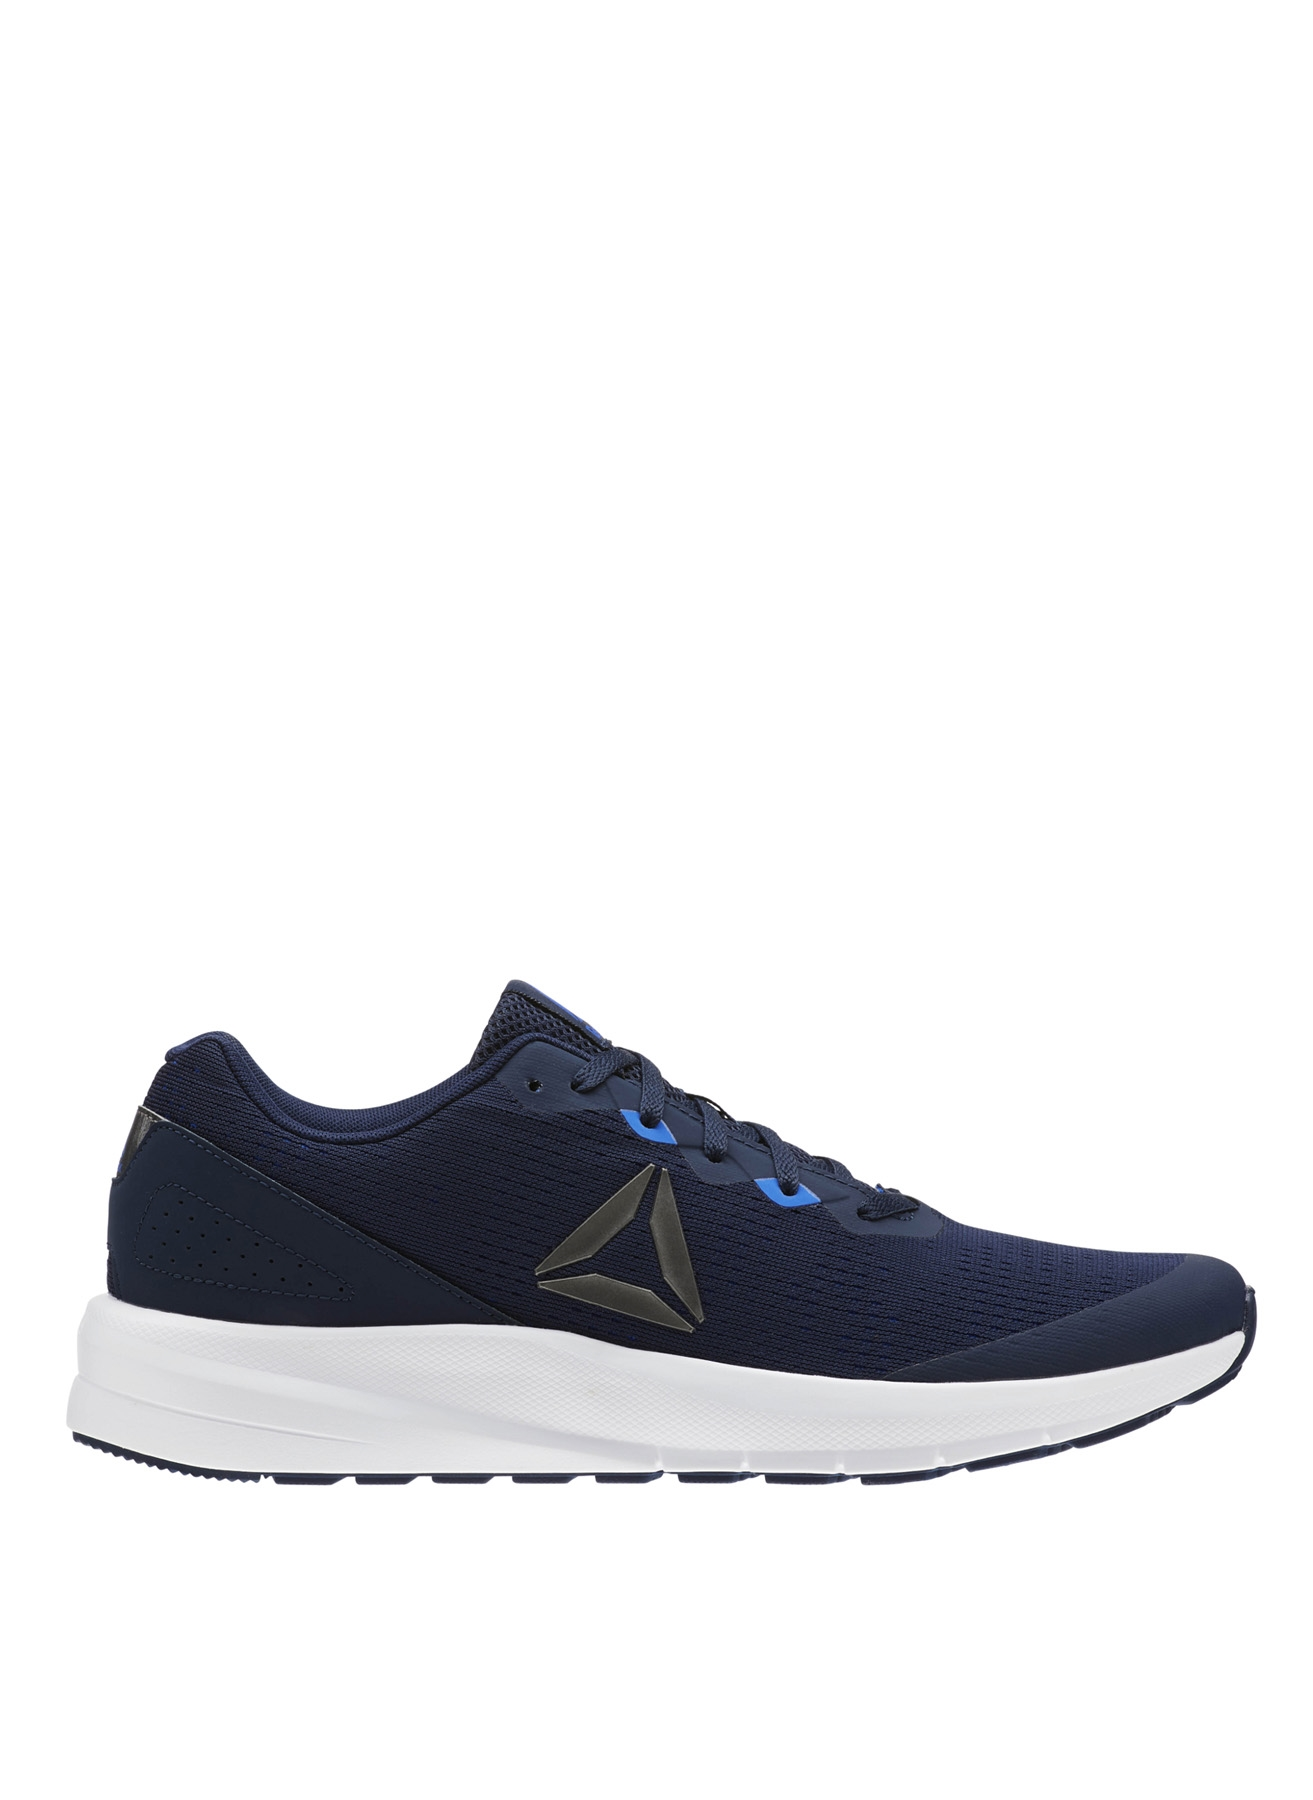 Reebok Runner 3.0 Koşu Ayakkabısı 45 5001633339009 Ürün Resmi